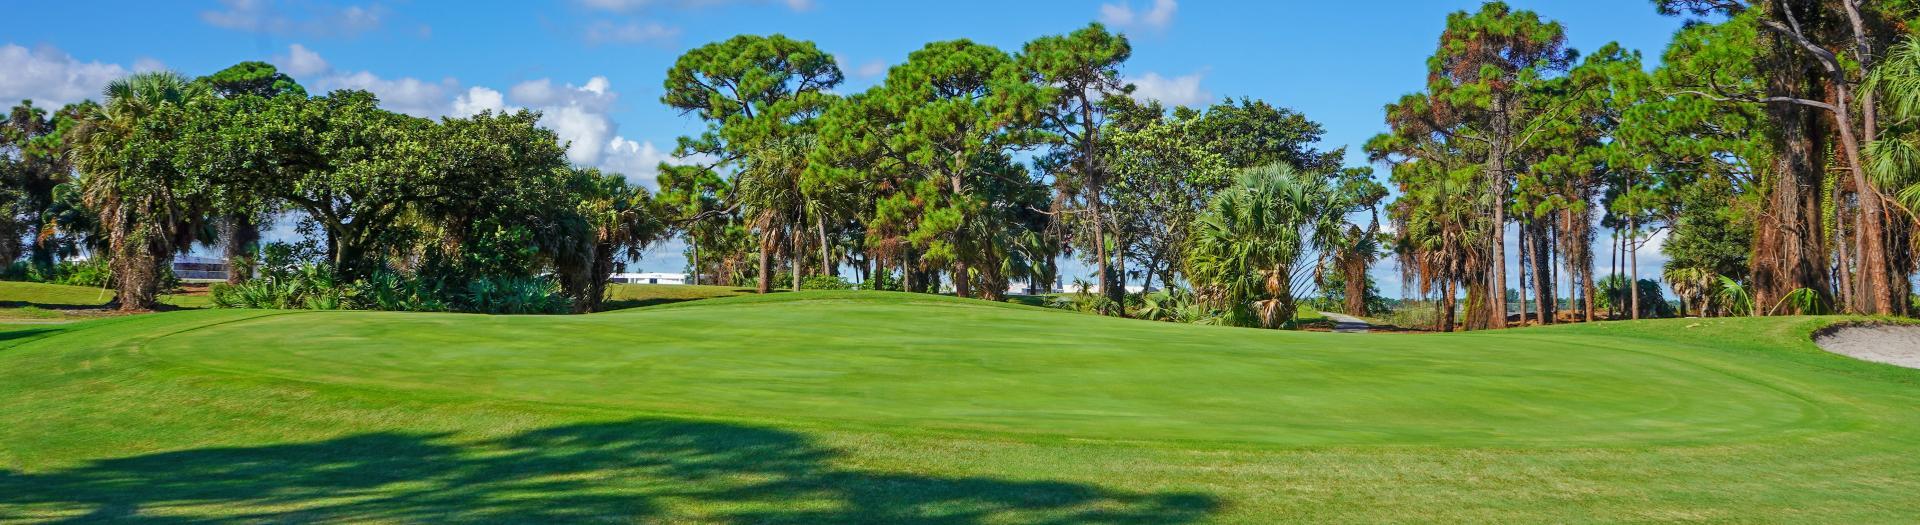 Hole #6 on Sailfish Sands Golf Course